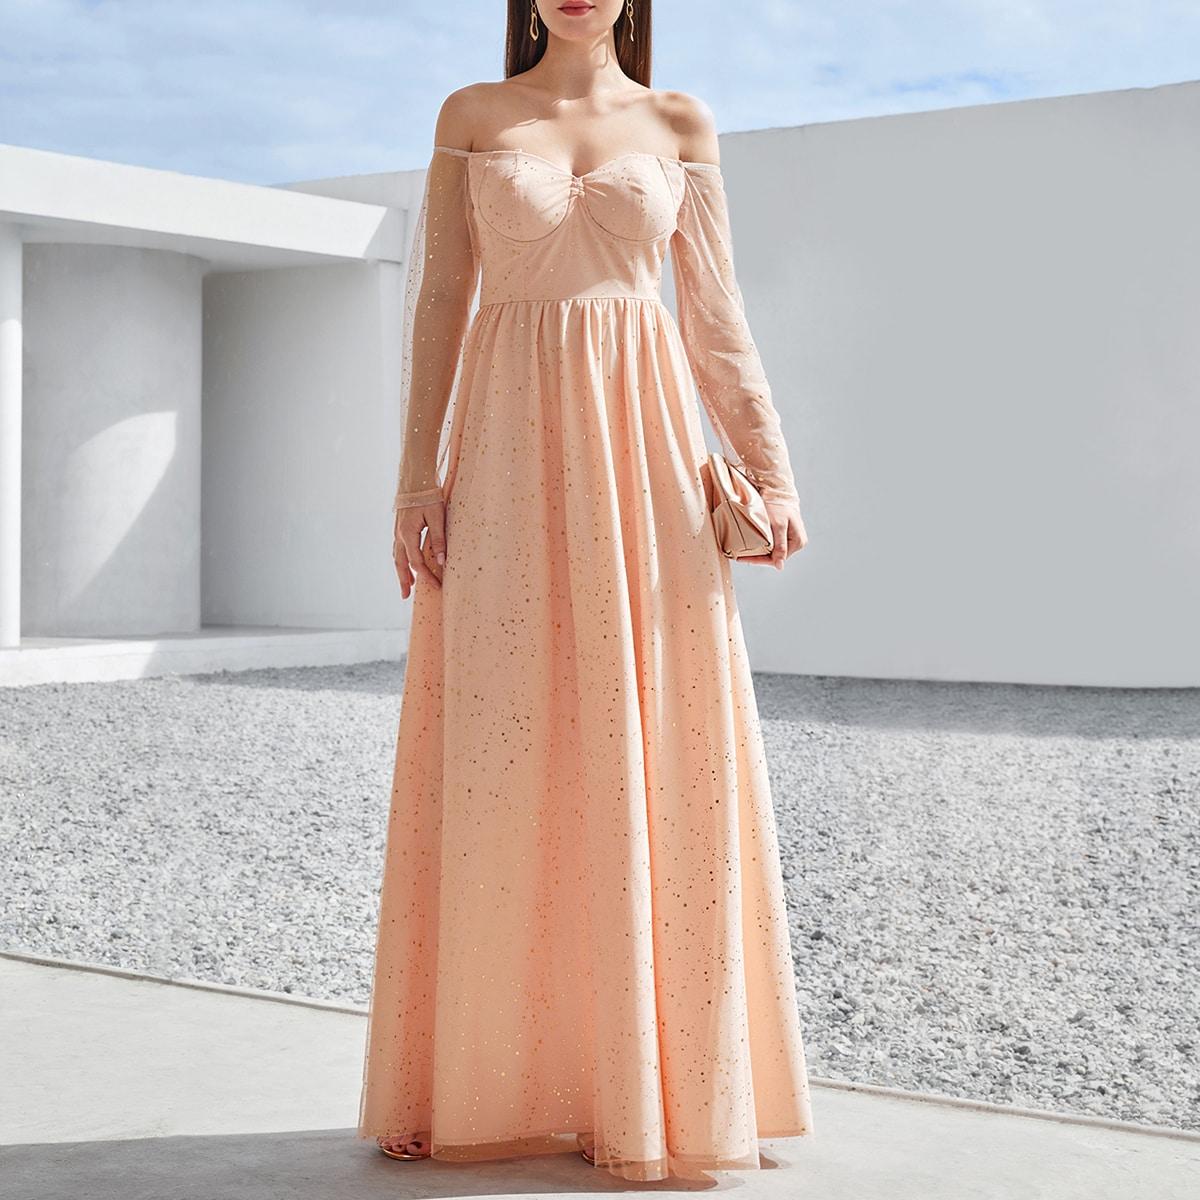 Платье с открытыми плечами и съемной прозрачной бретелькой